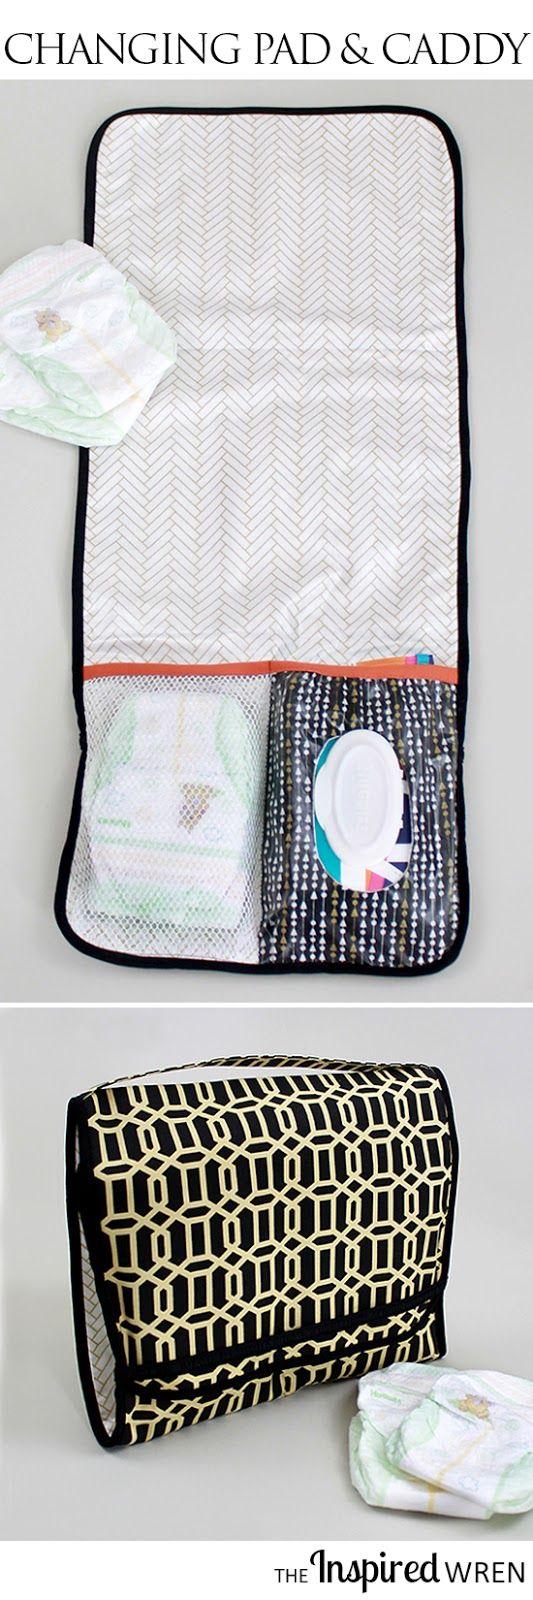 Me encanta que las toallitas y DIPES están incluidos y es laminado para facilitar la limpieza!  |  Tutorial: On-the-Go cambio de cojinetes y del pañal del carrito |  El Wren Inspirado